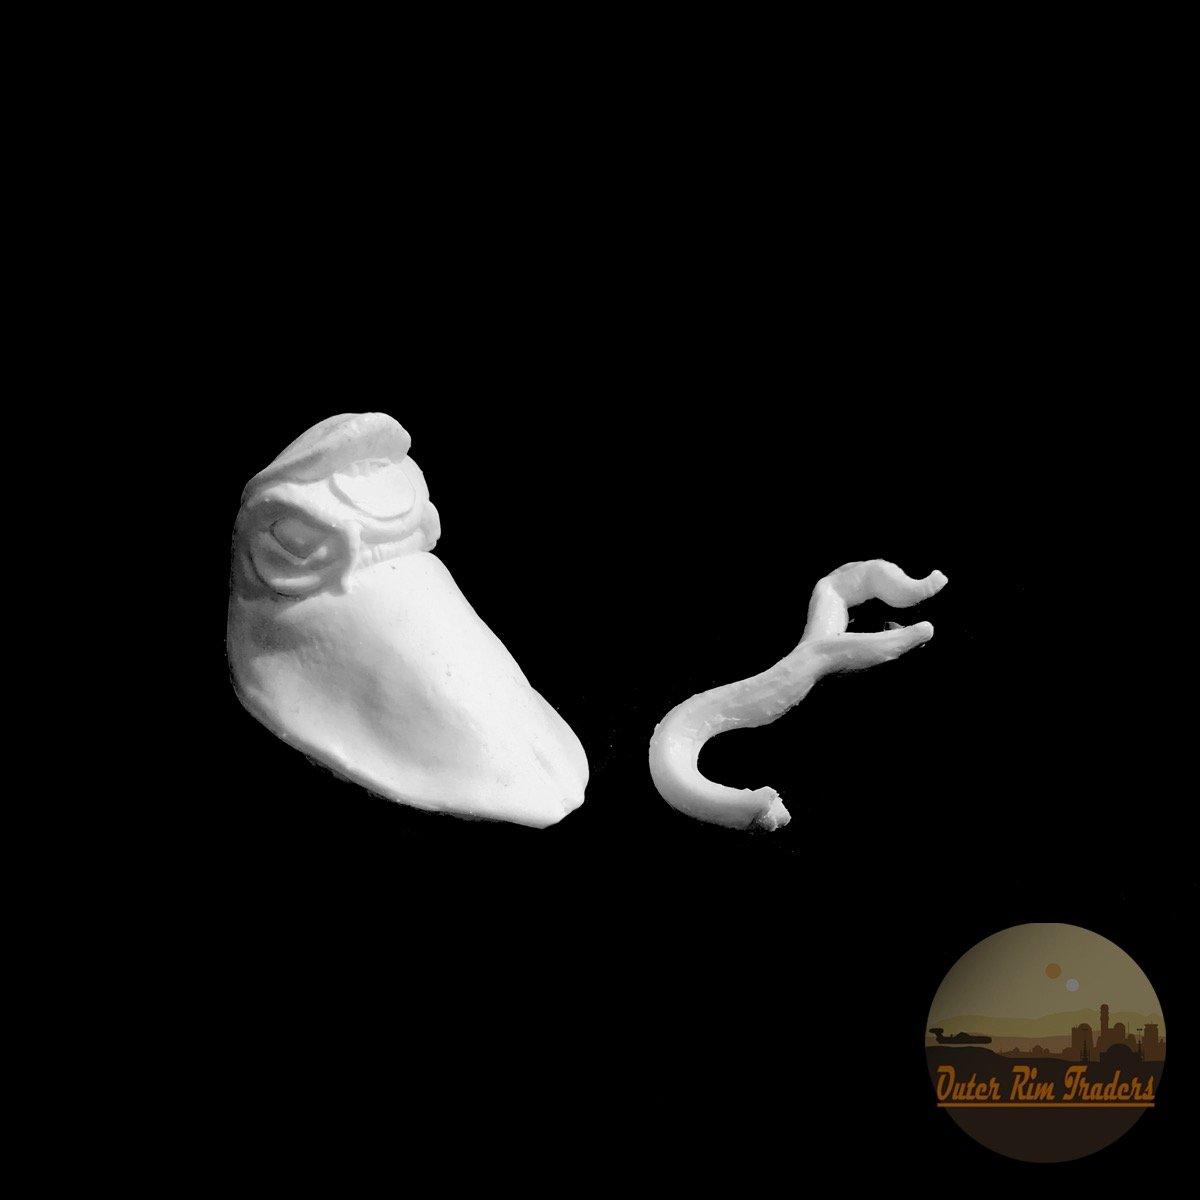 Image of Tongued Slug